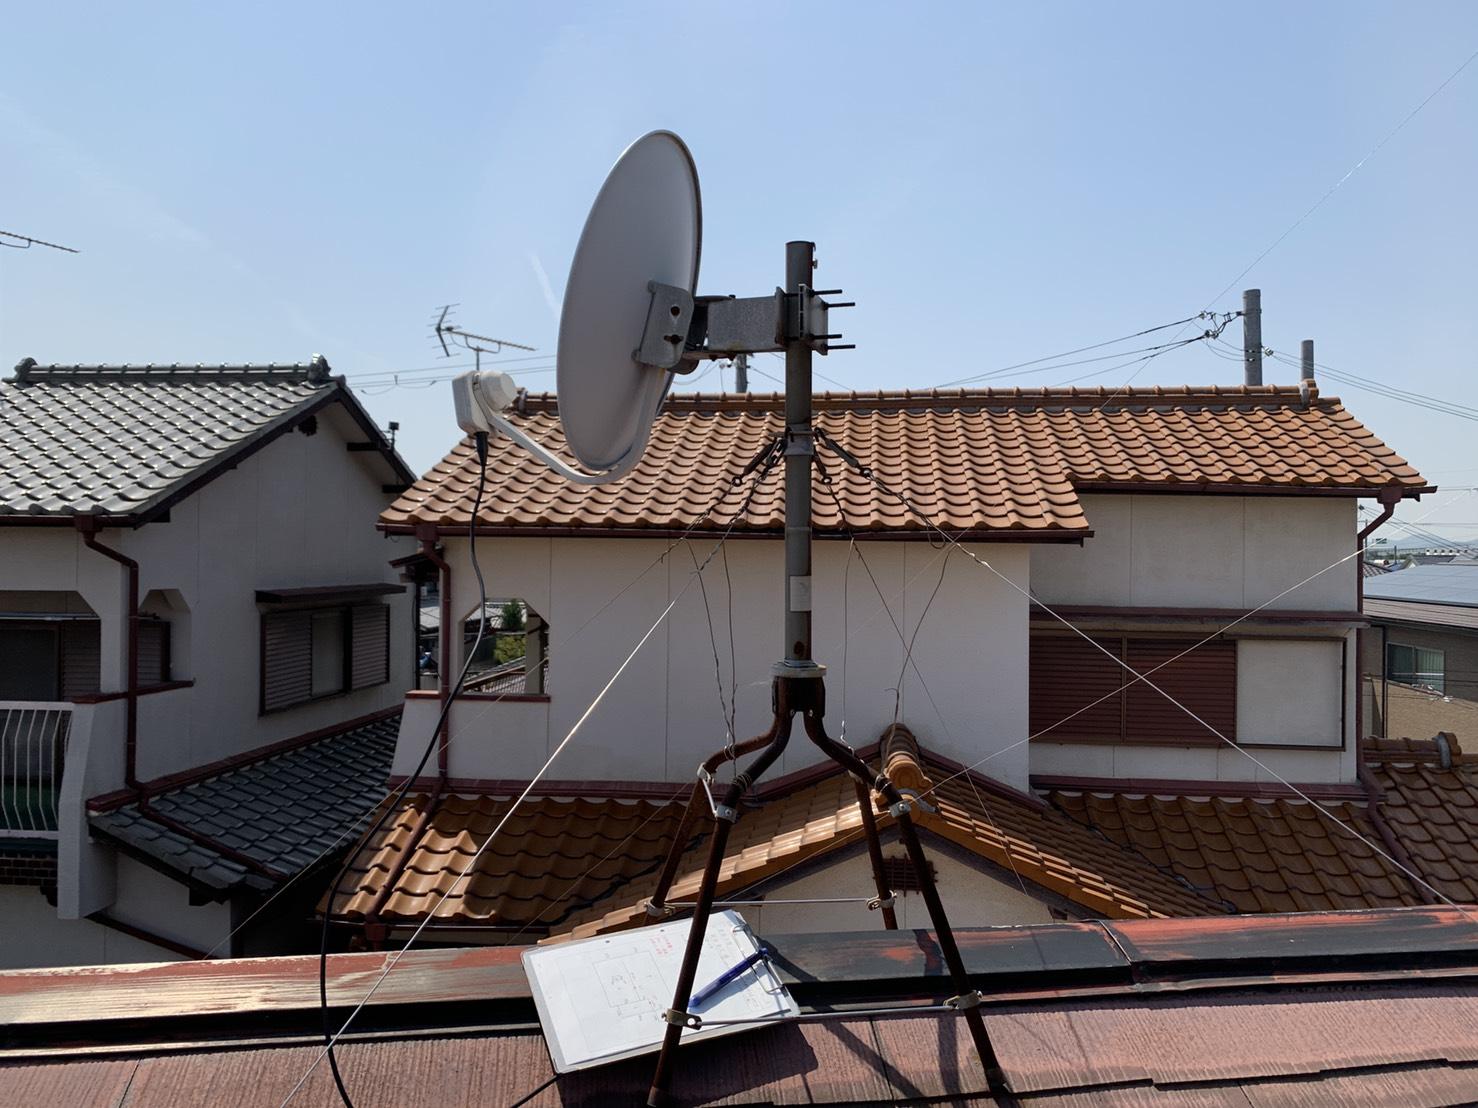 明石市での屋根診断で棟板金の錆の原因となったアンテナ